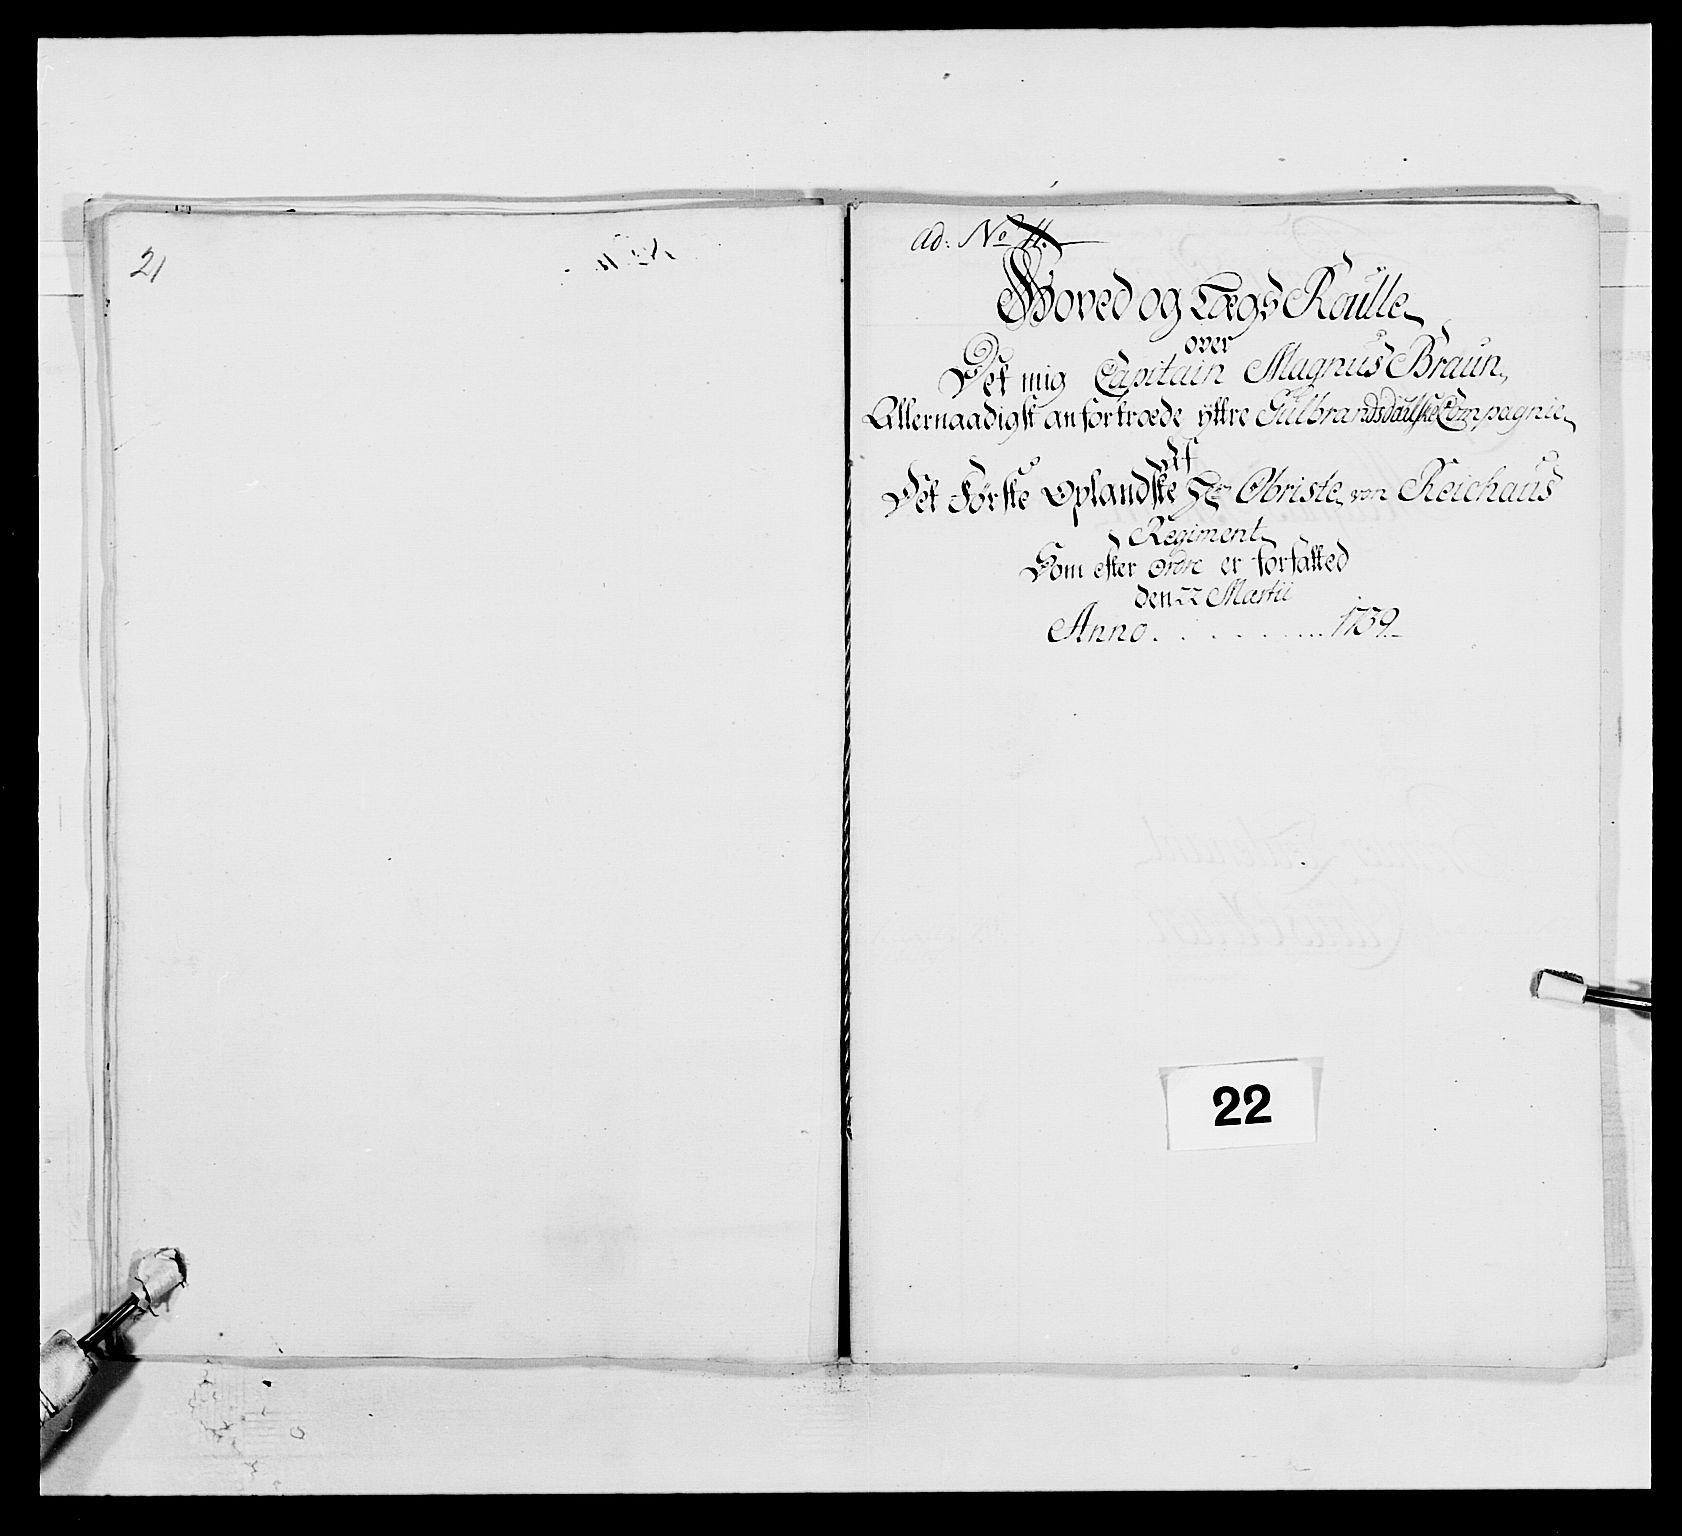 RA, Kommanderende general (KG I) med Det norske krigsdirektorium, E/Ea/L0502: 1. Opplandske regiment, 1720-1743, s. 208